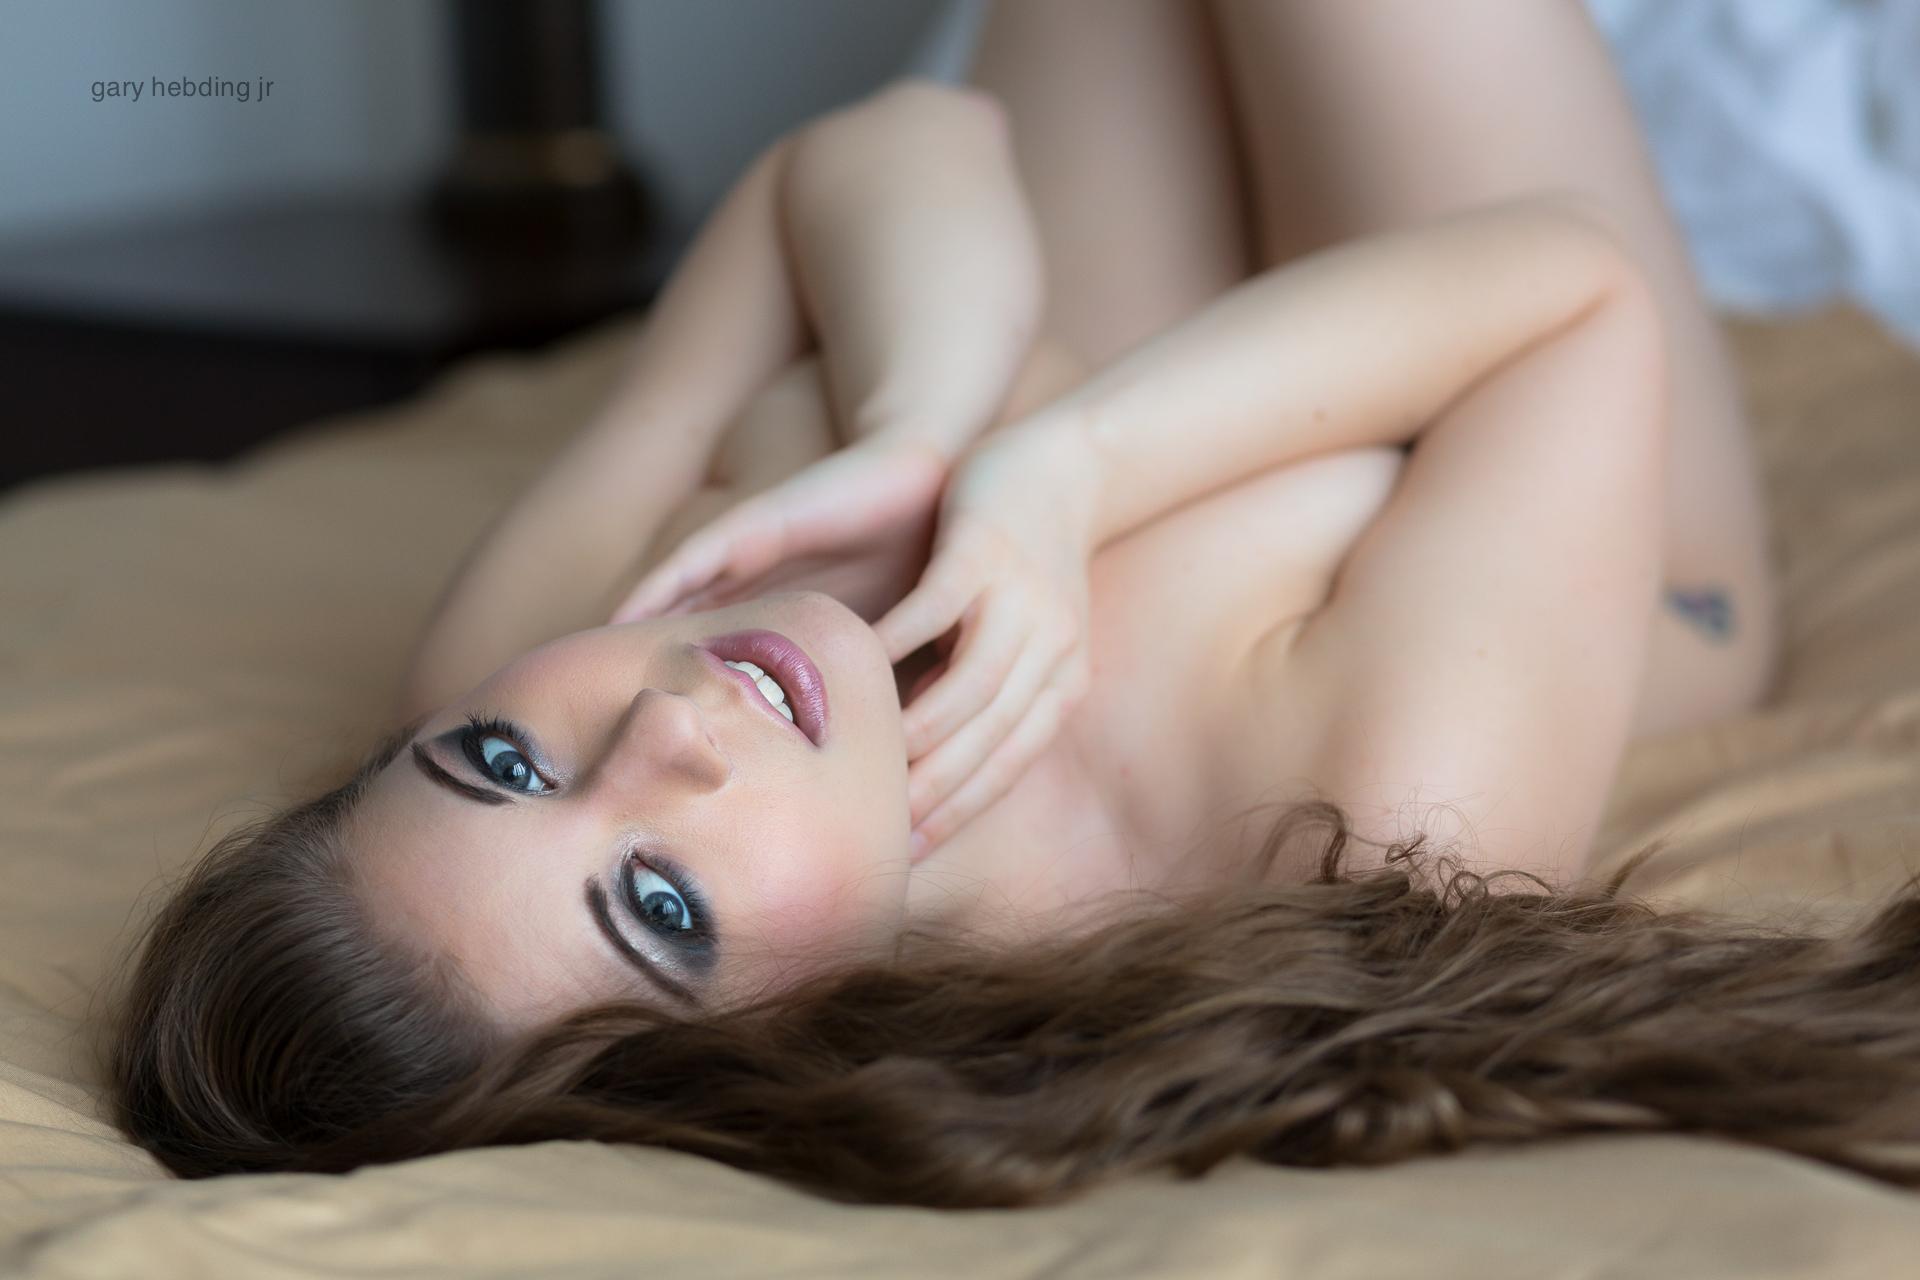 Hætte sex video